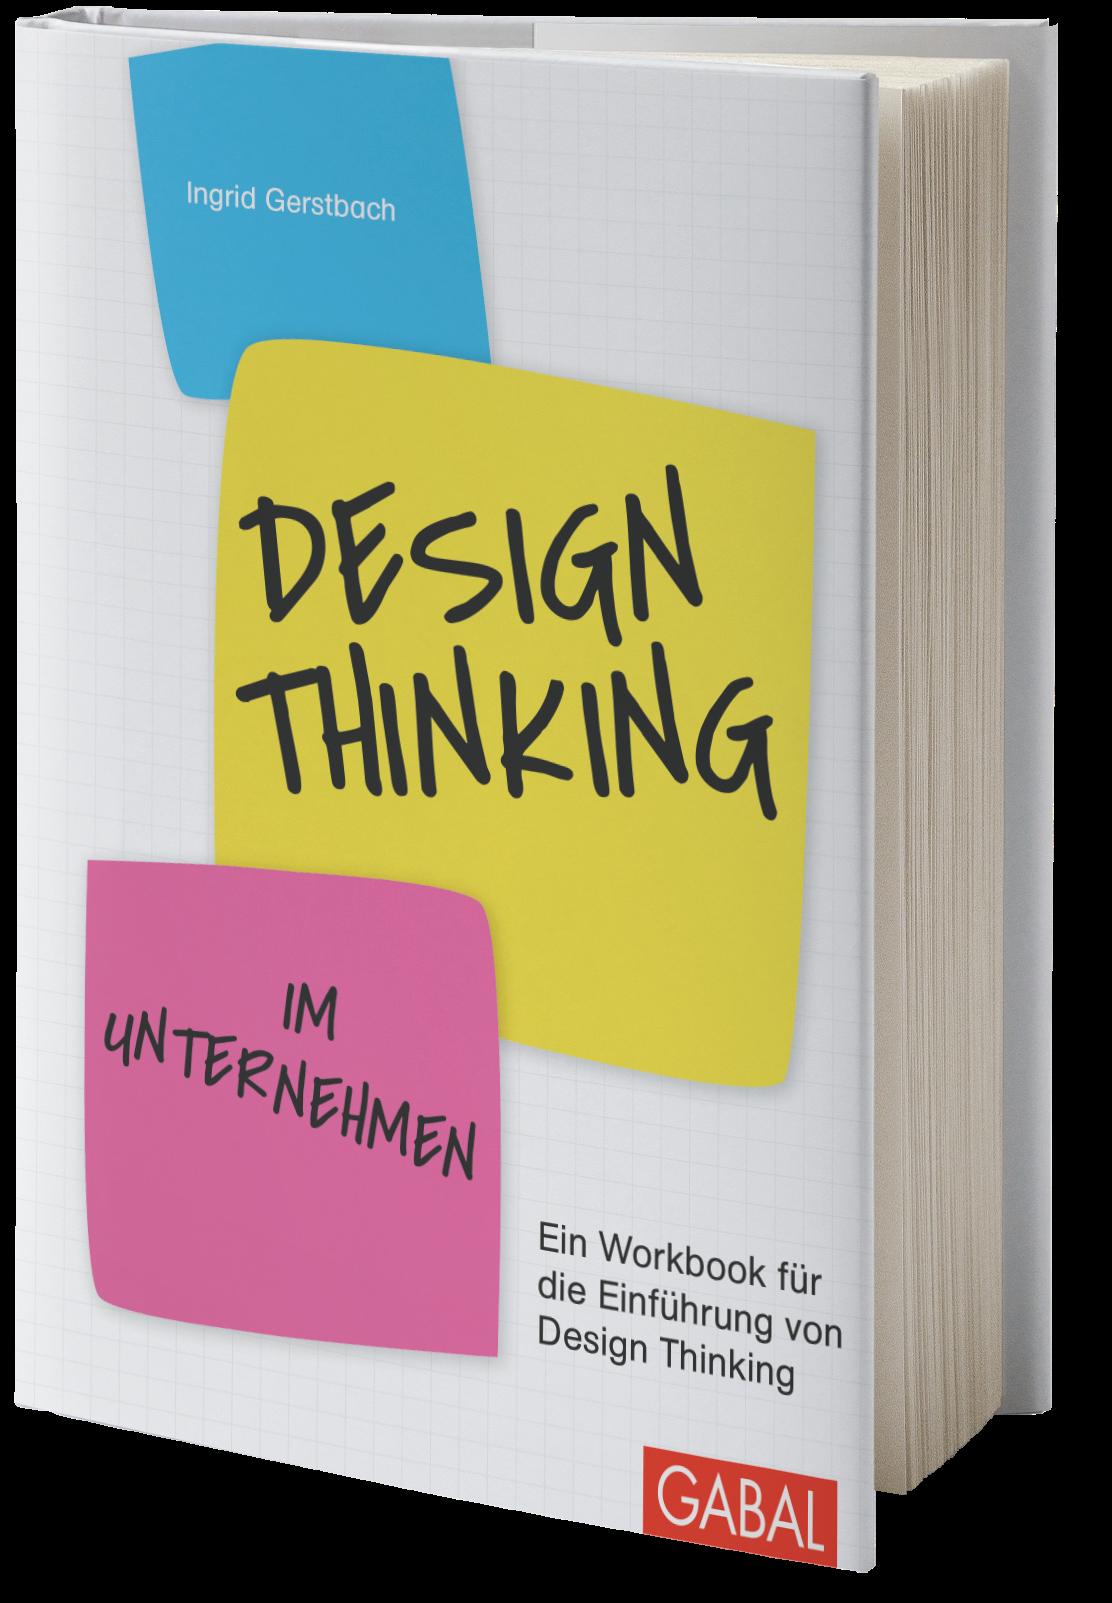 Gerstbach_Design Thinking im Unternehmen_ohne Schatten.png